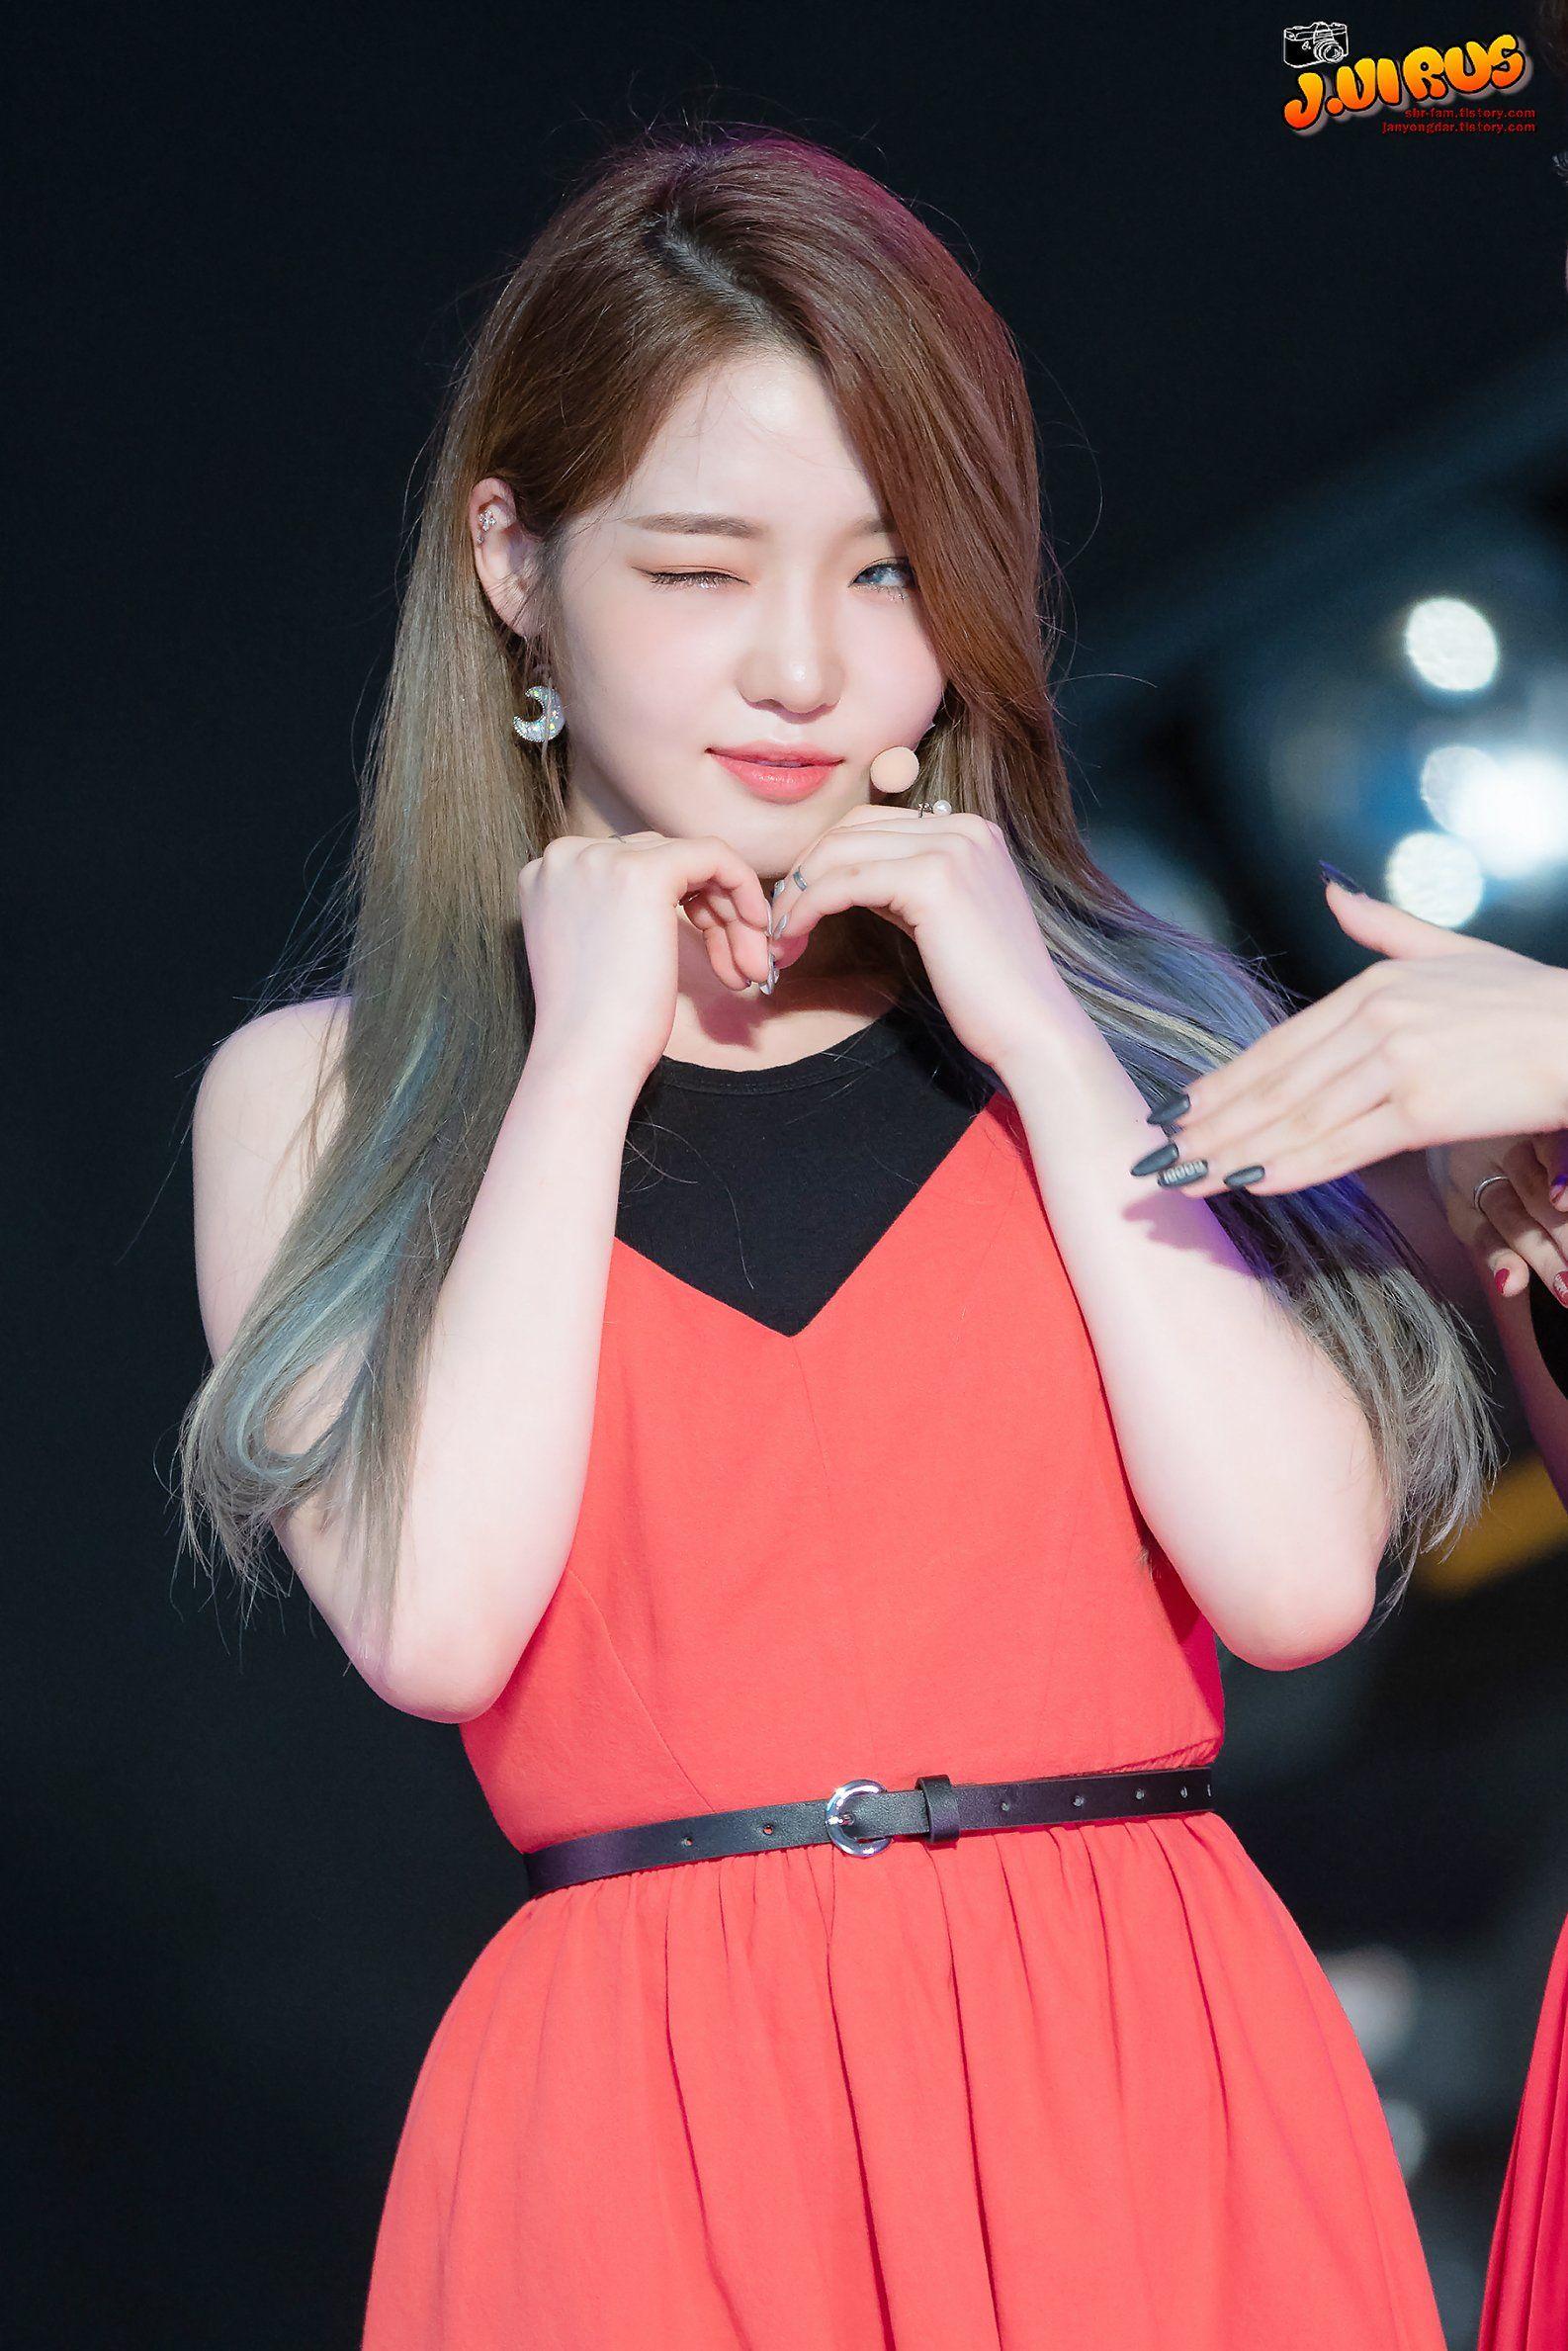 Jisun Wink Kpop Girls Girl Beauty